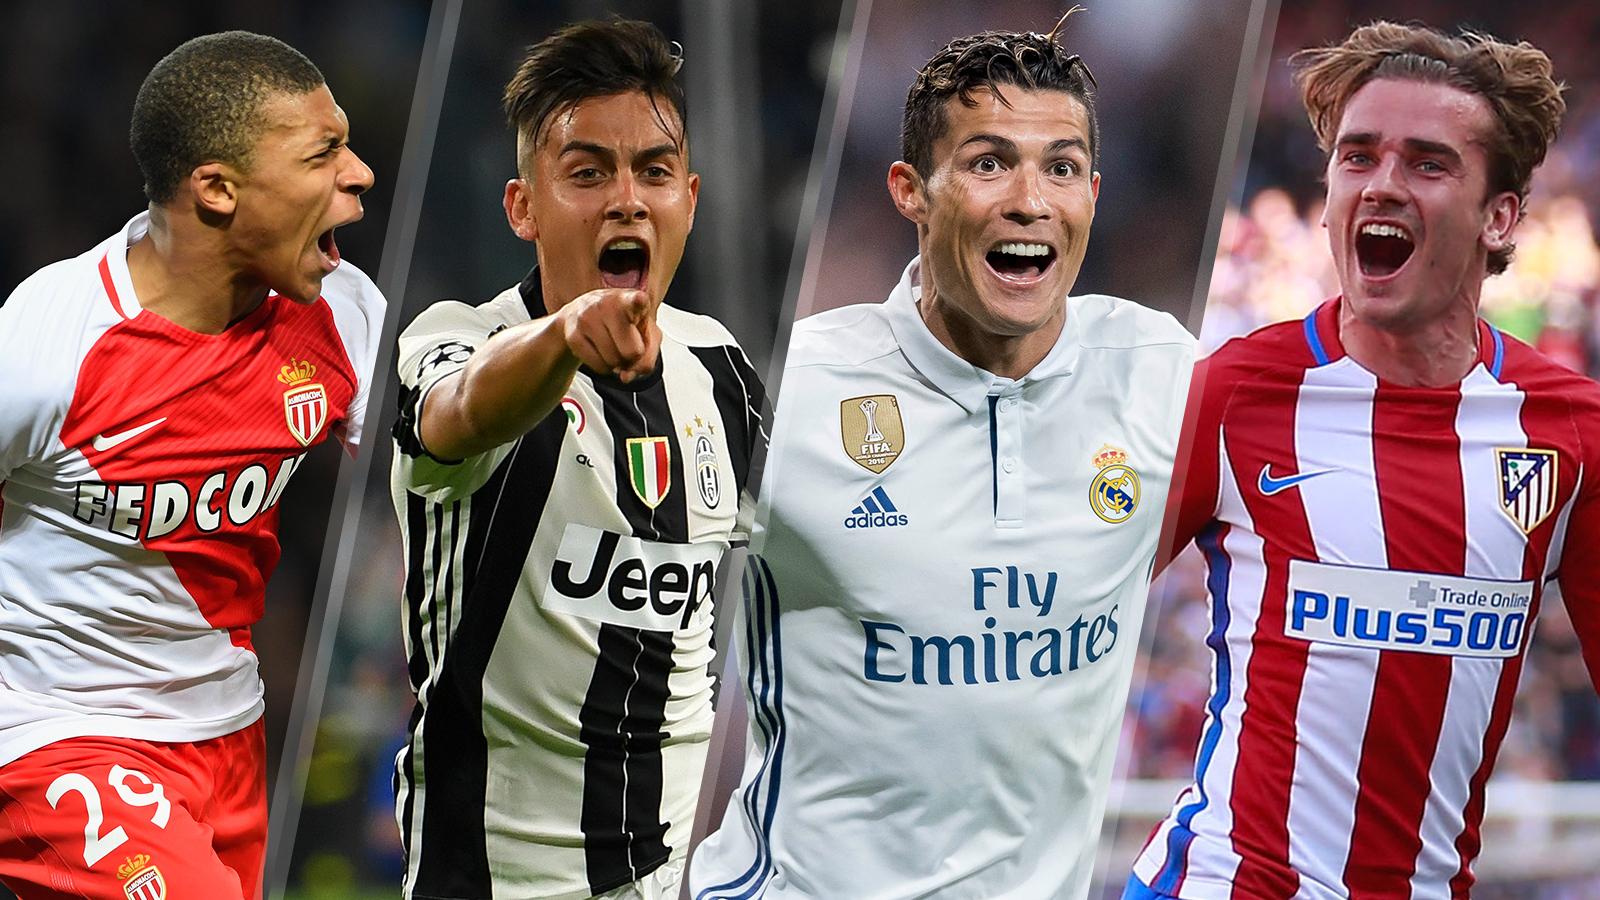 mbappe_dybala_ronaldo_griezmann_champions_league